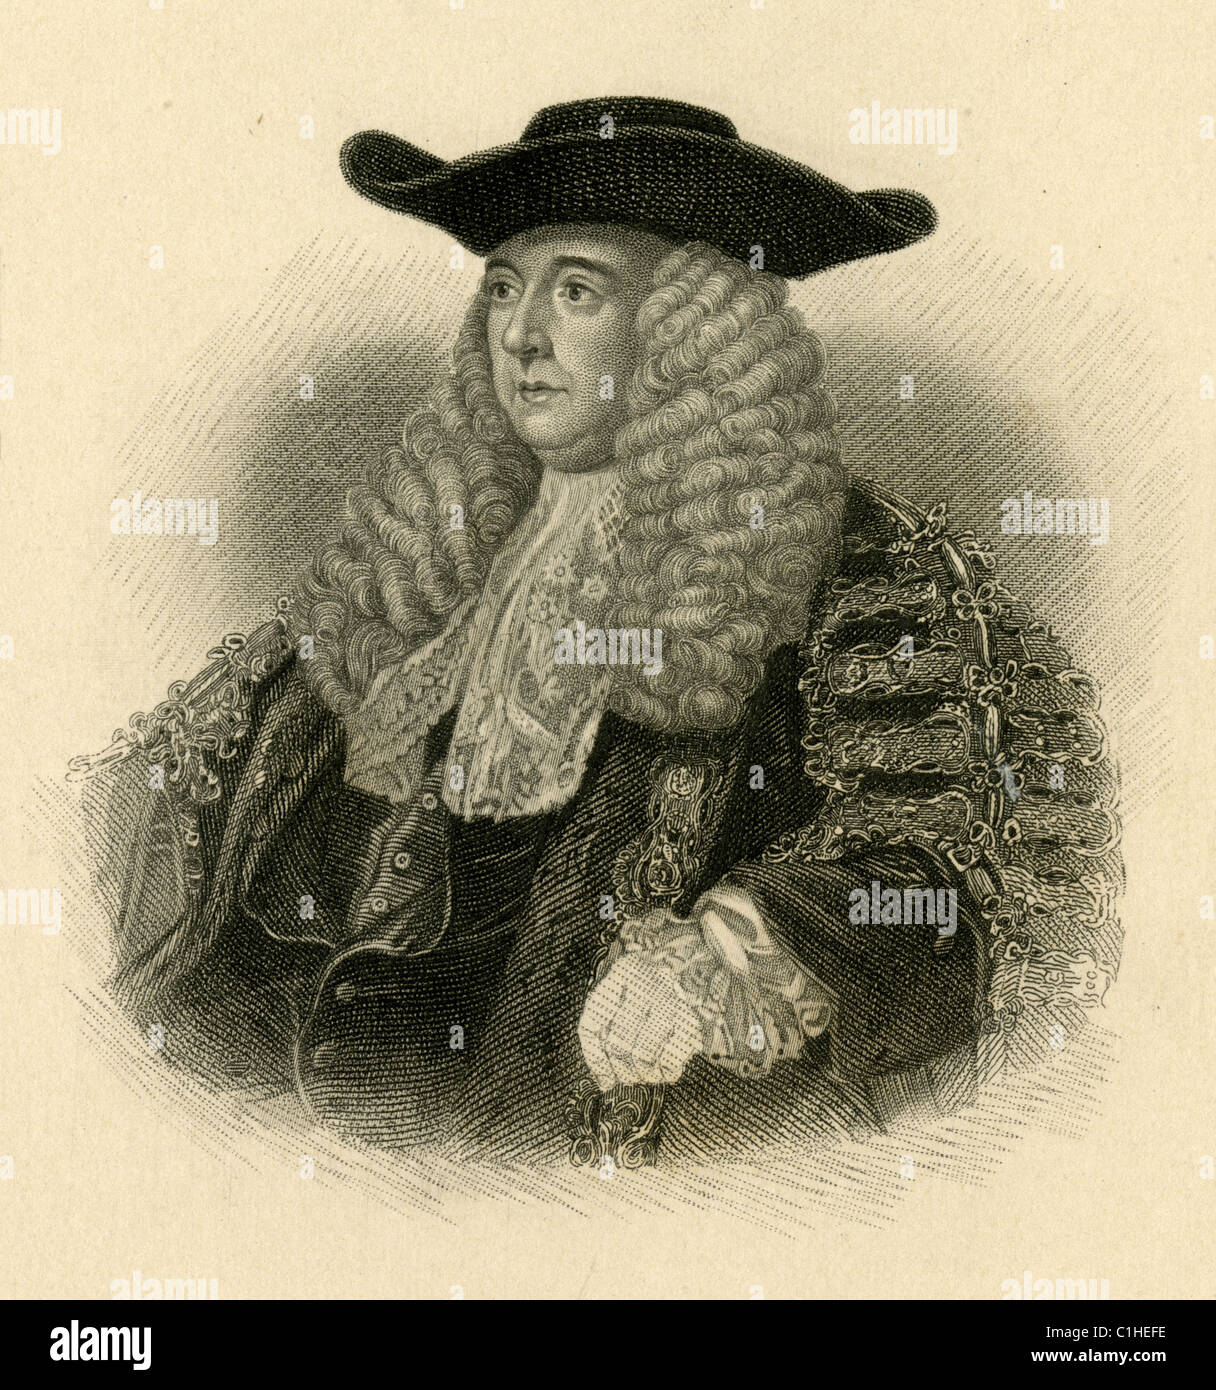 Charles Pratt, 1st Earl Camden - Stock Image